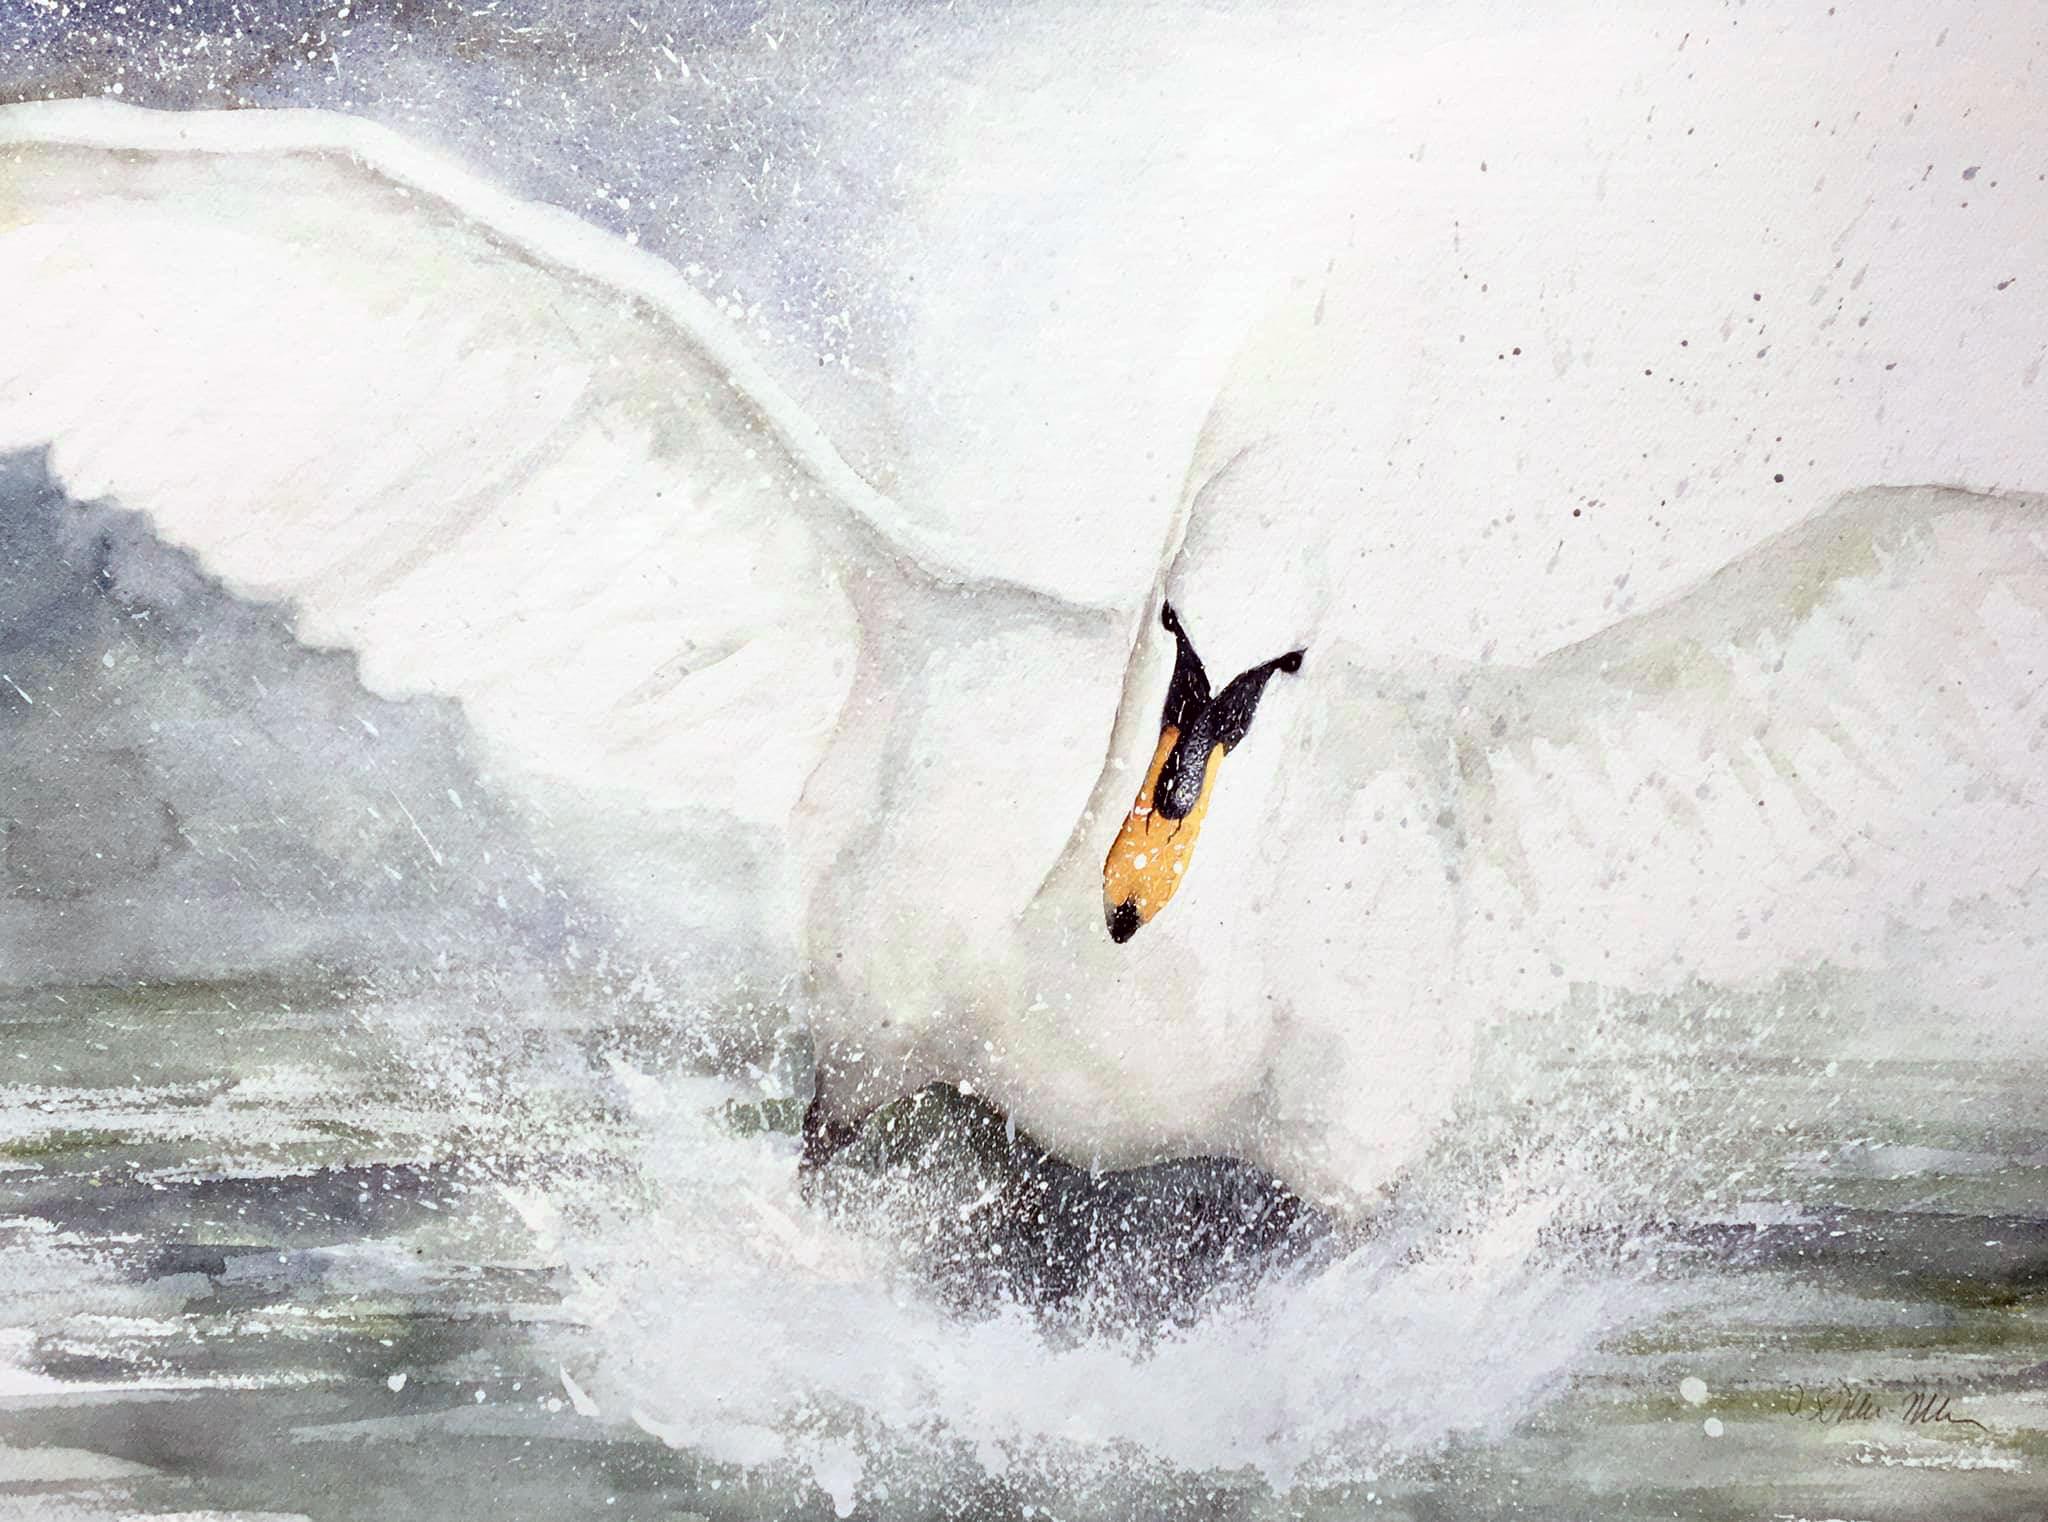 Schwan landet auf dem Wasser